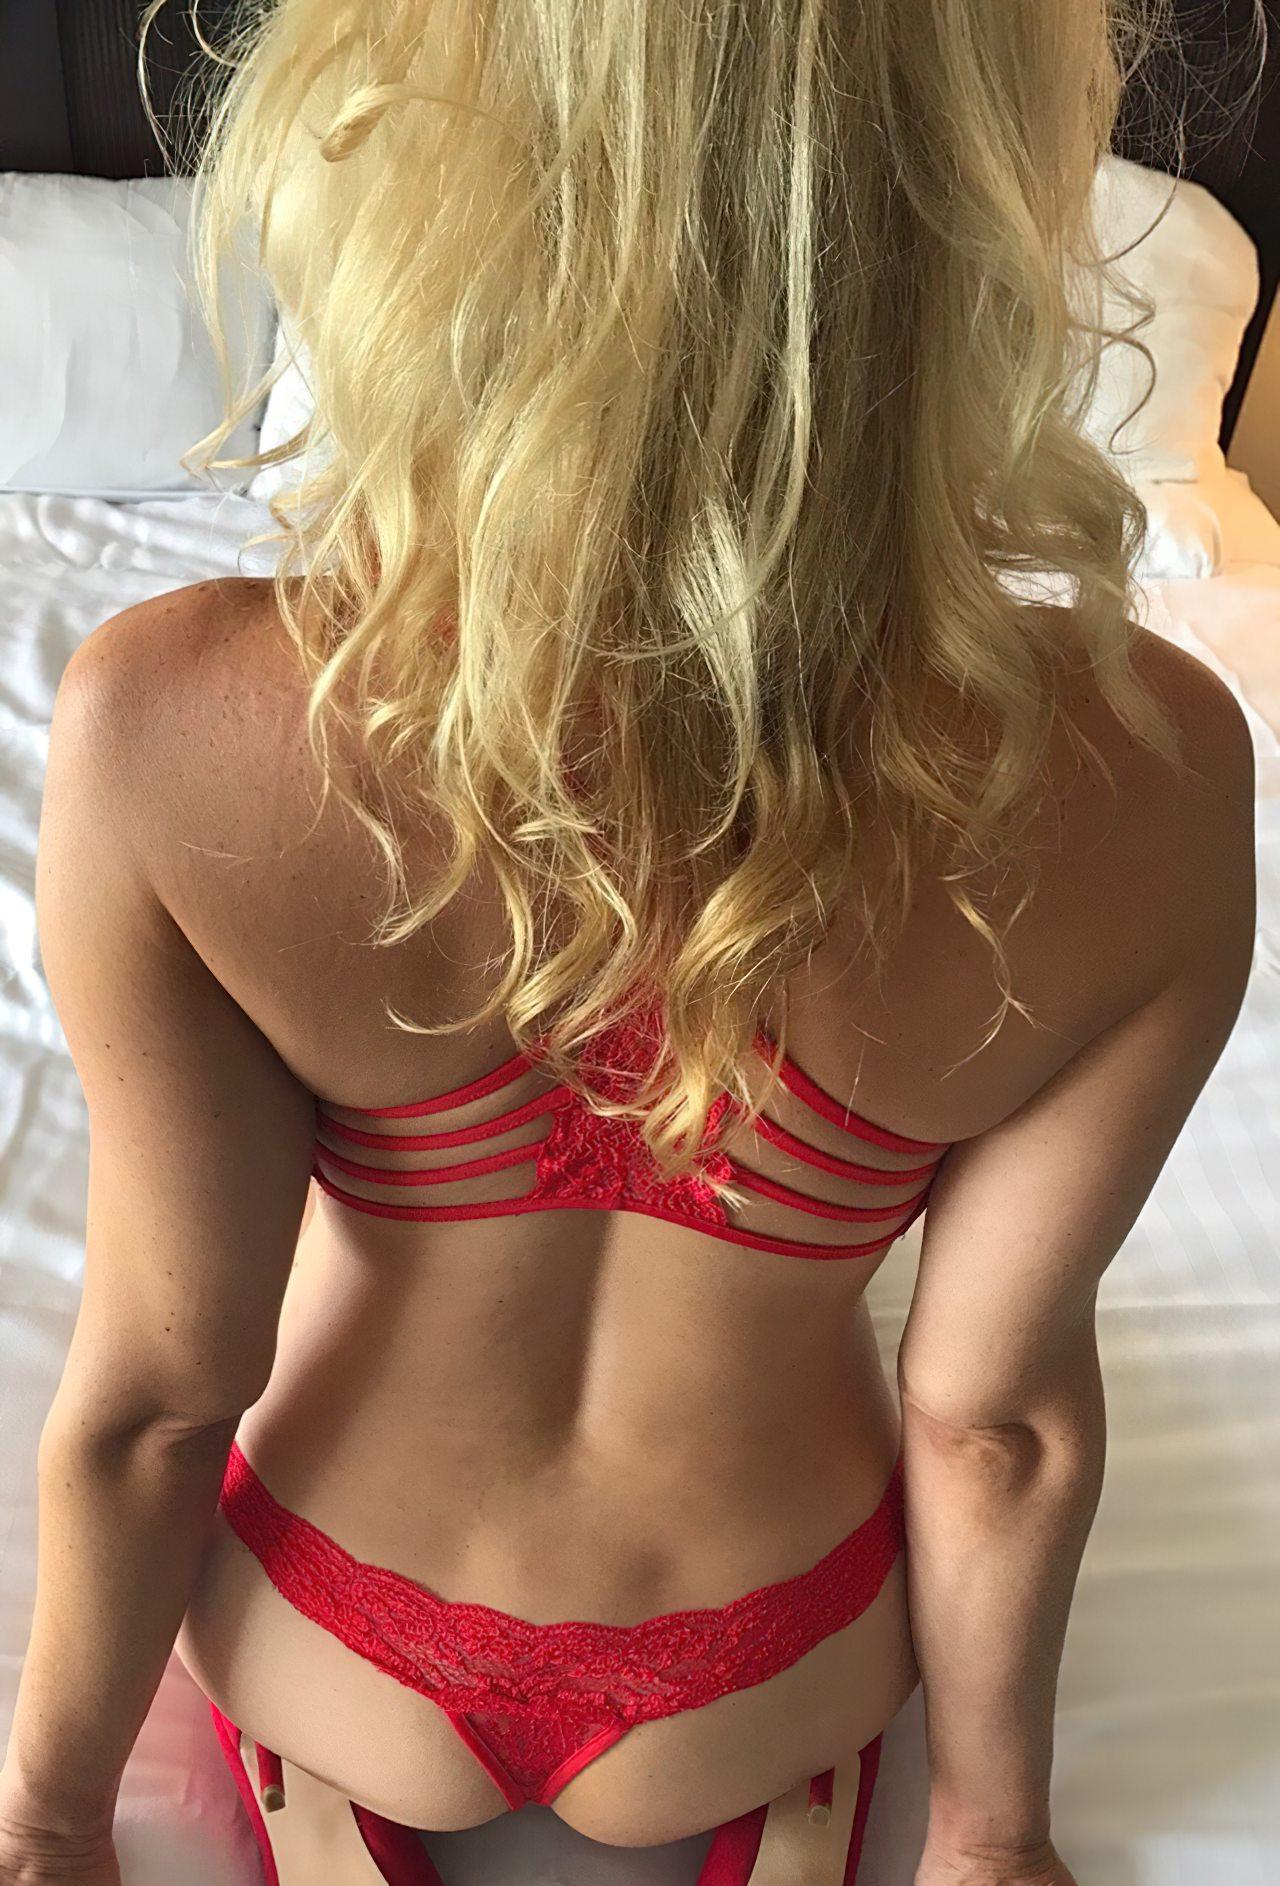 Esposa Exibindo Lingerie Vermelha (1)